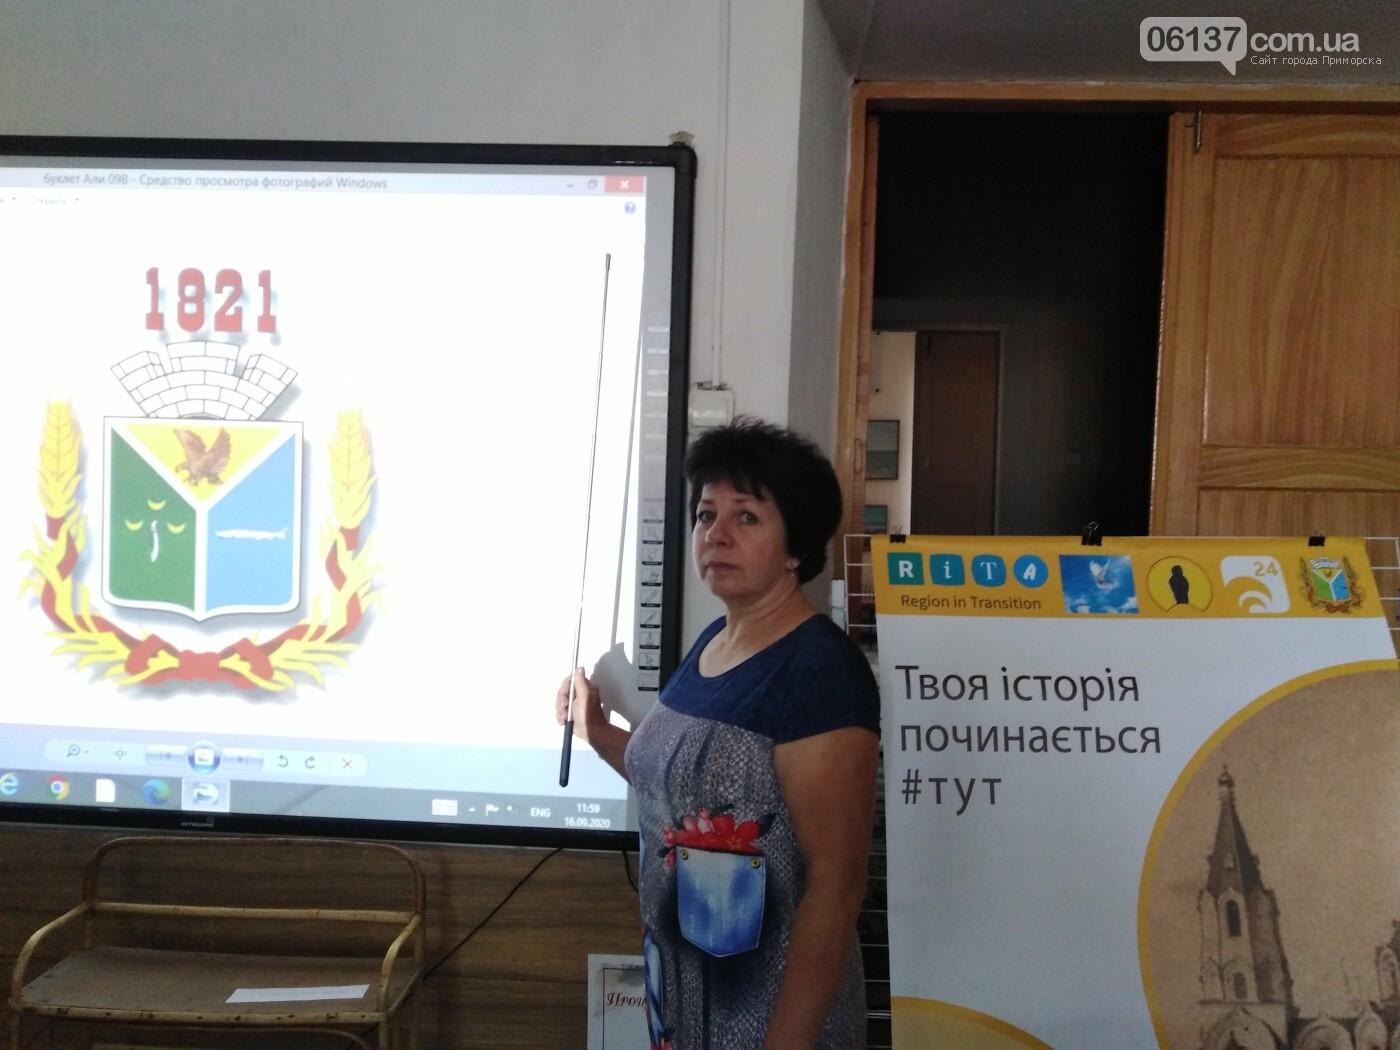 """Інтерактивні уроки в Приморському краєзнавчому музеї проходять в рамках проєкту """"Твоя історія починається тут"""", фото-1"""